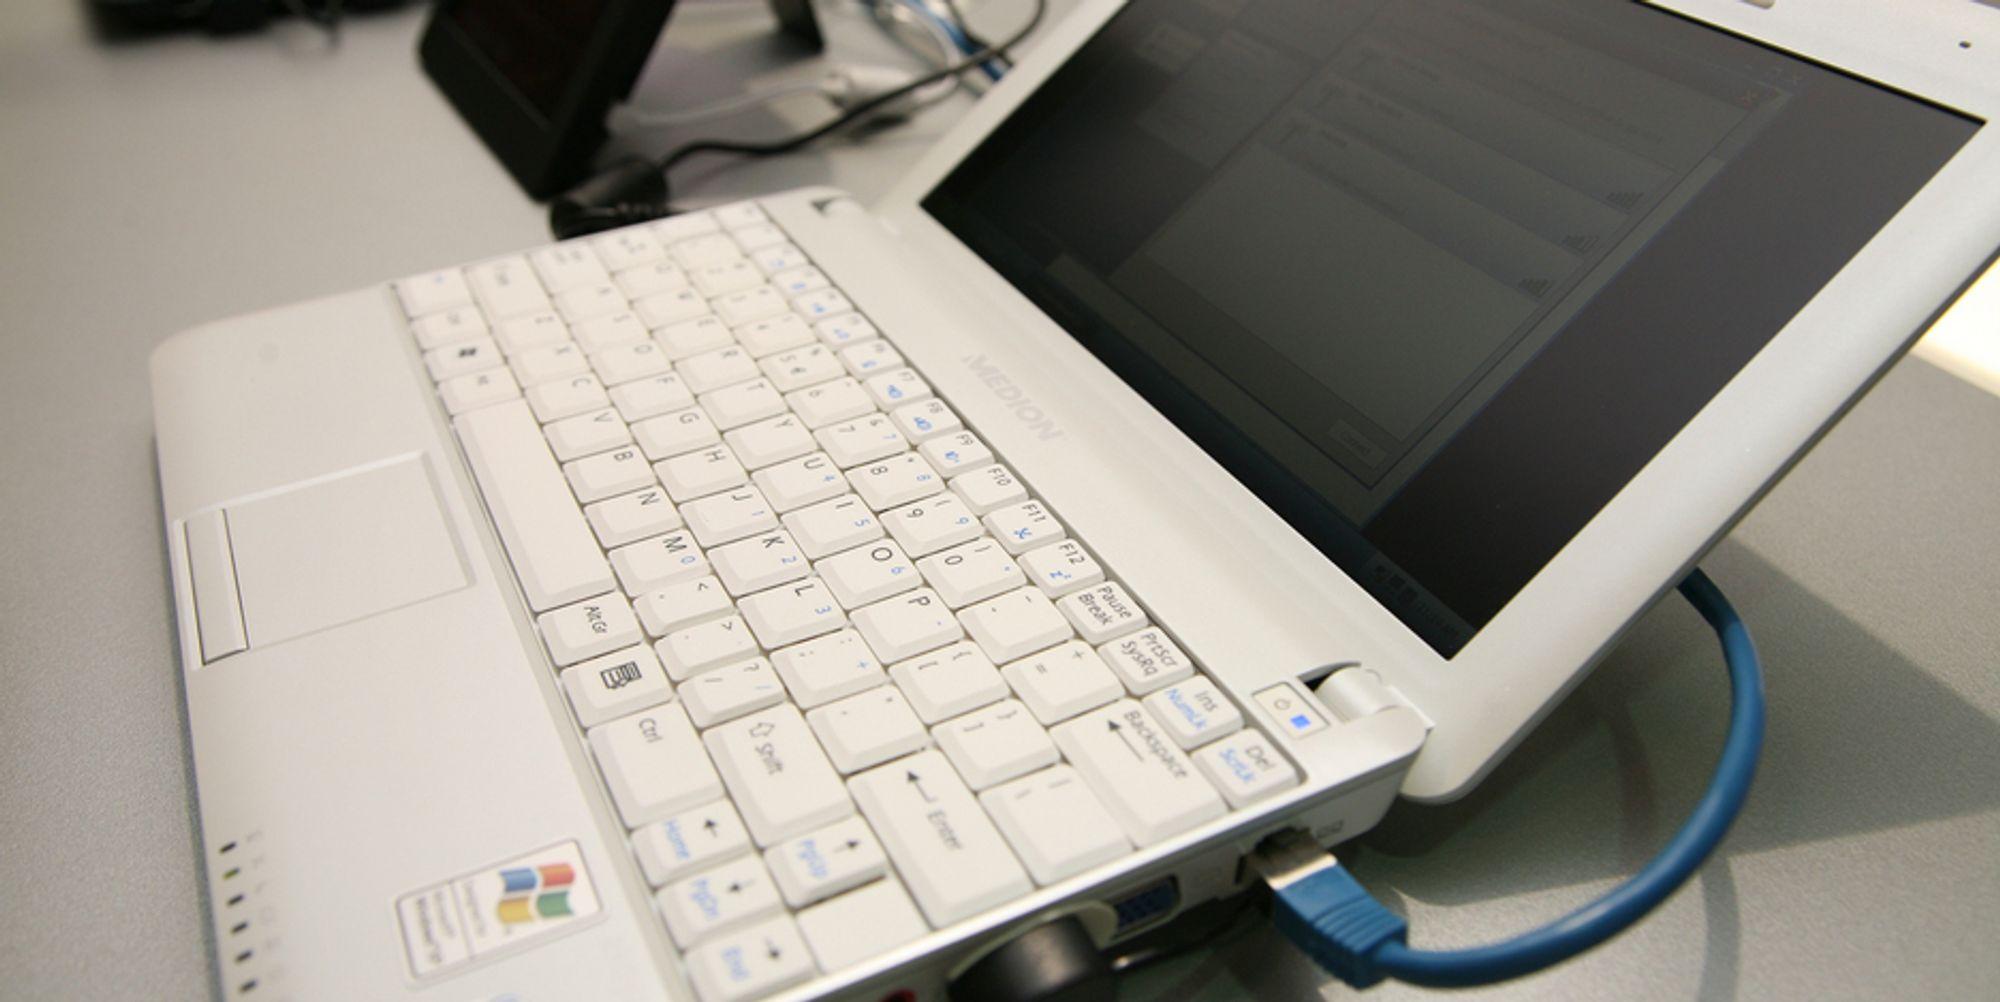 NYTT: Snart kan de utskjelte laptopbatteriene bli mye bedre.